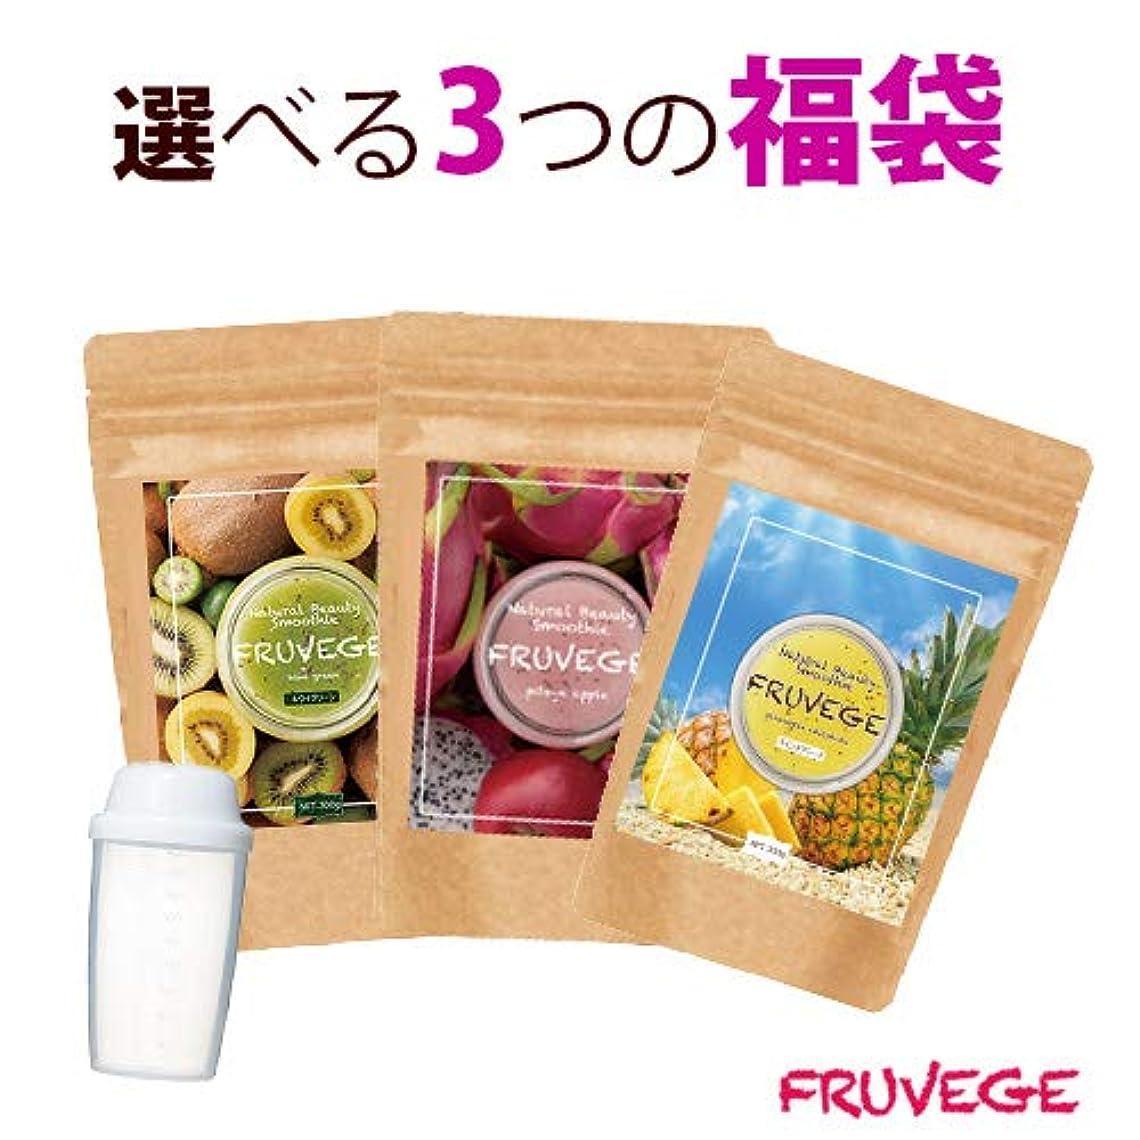 細い薄汚い病的[チアシード配合スムージー (Cセット)]3袋+プレゼント (300g×3袋 約150杯分)福袋 フルベジ スーパーフード ダイエット食品 粉末